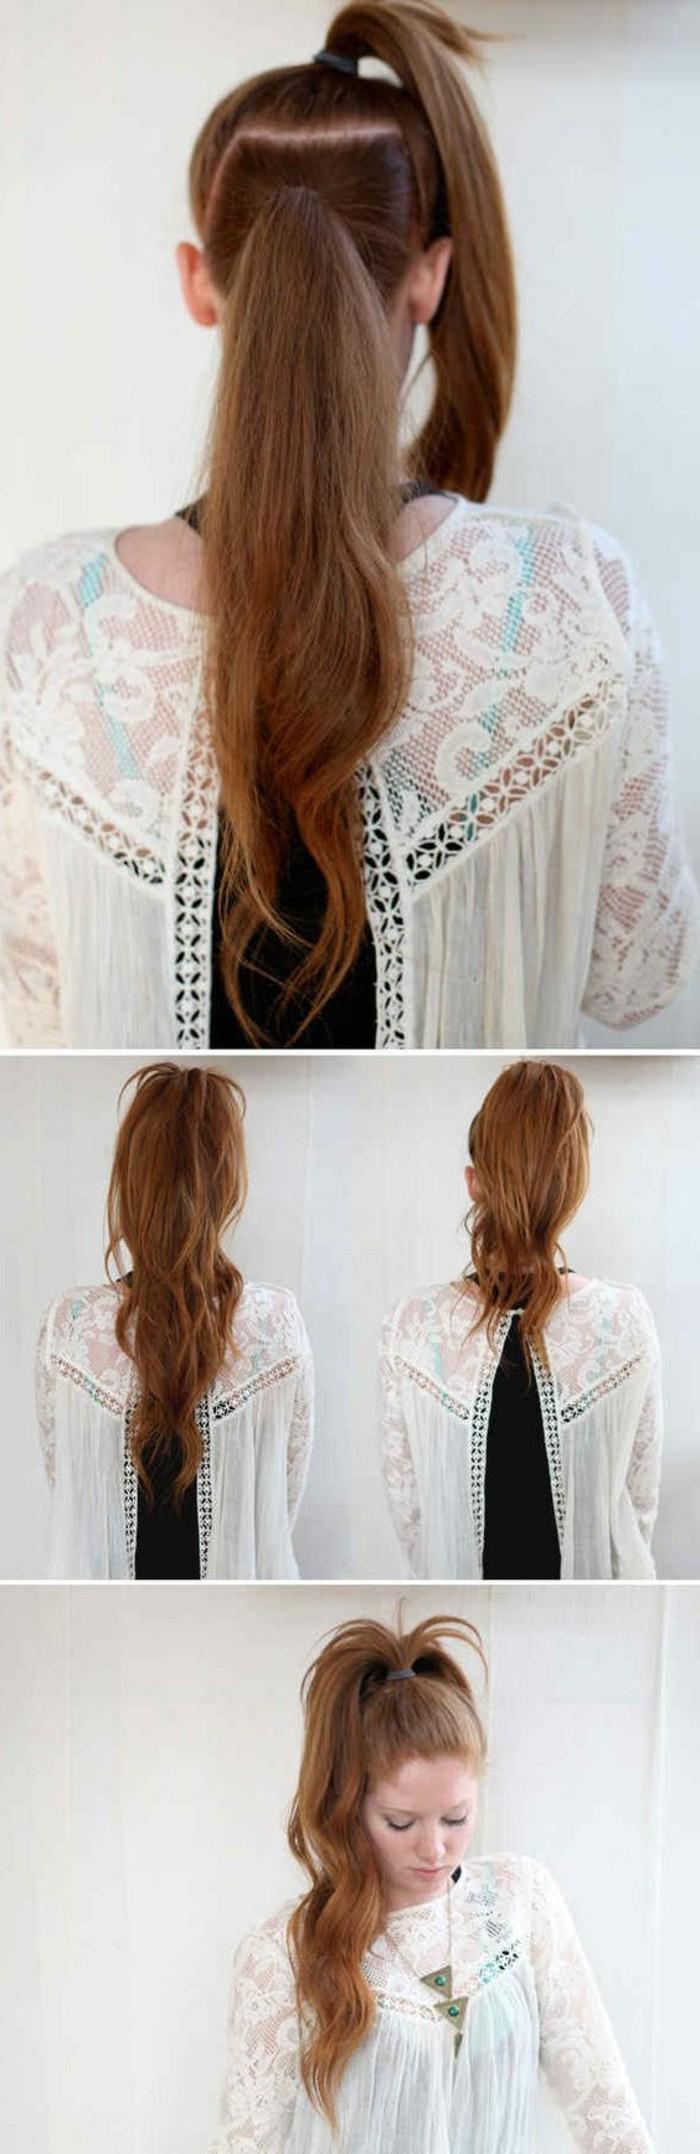 tutorial per realizzare una coda originale, un esempio per acconciature capelli lunghi facili e veloci